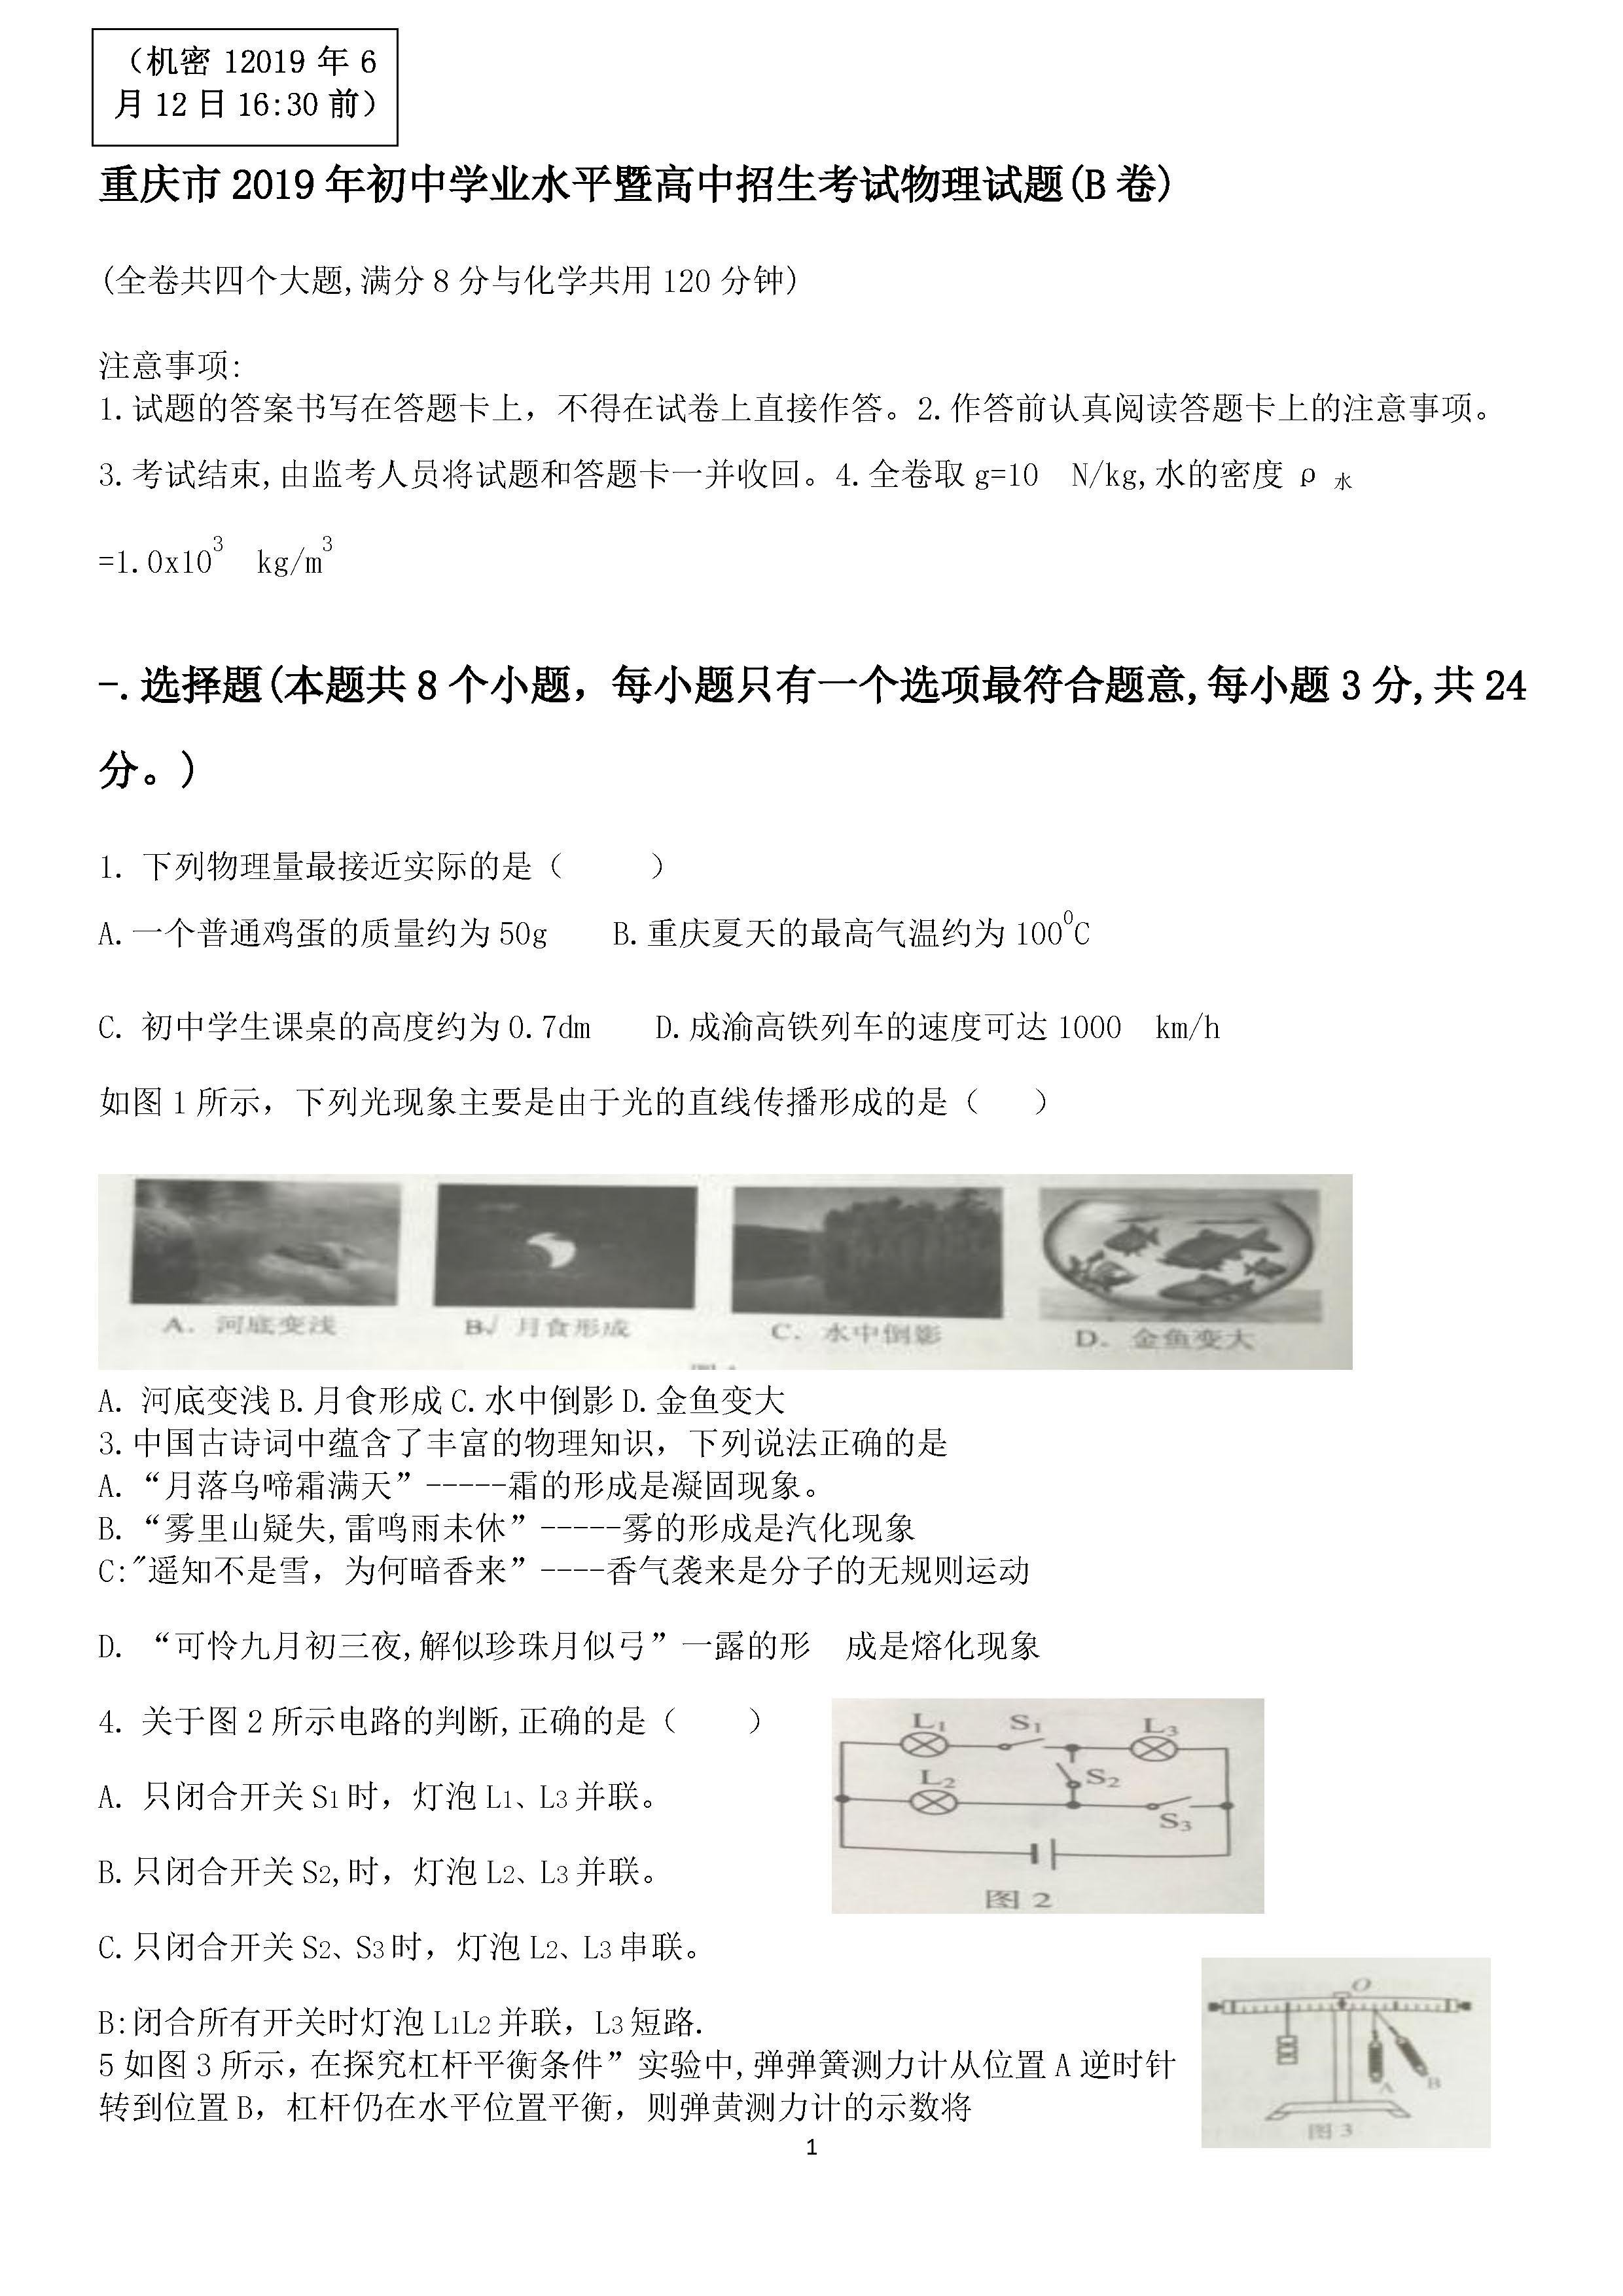 2019重庆B卷中考物理试题及答案解析(图片版无答案)